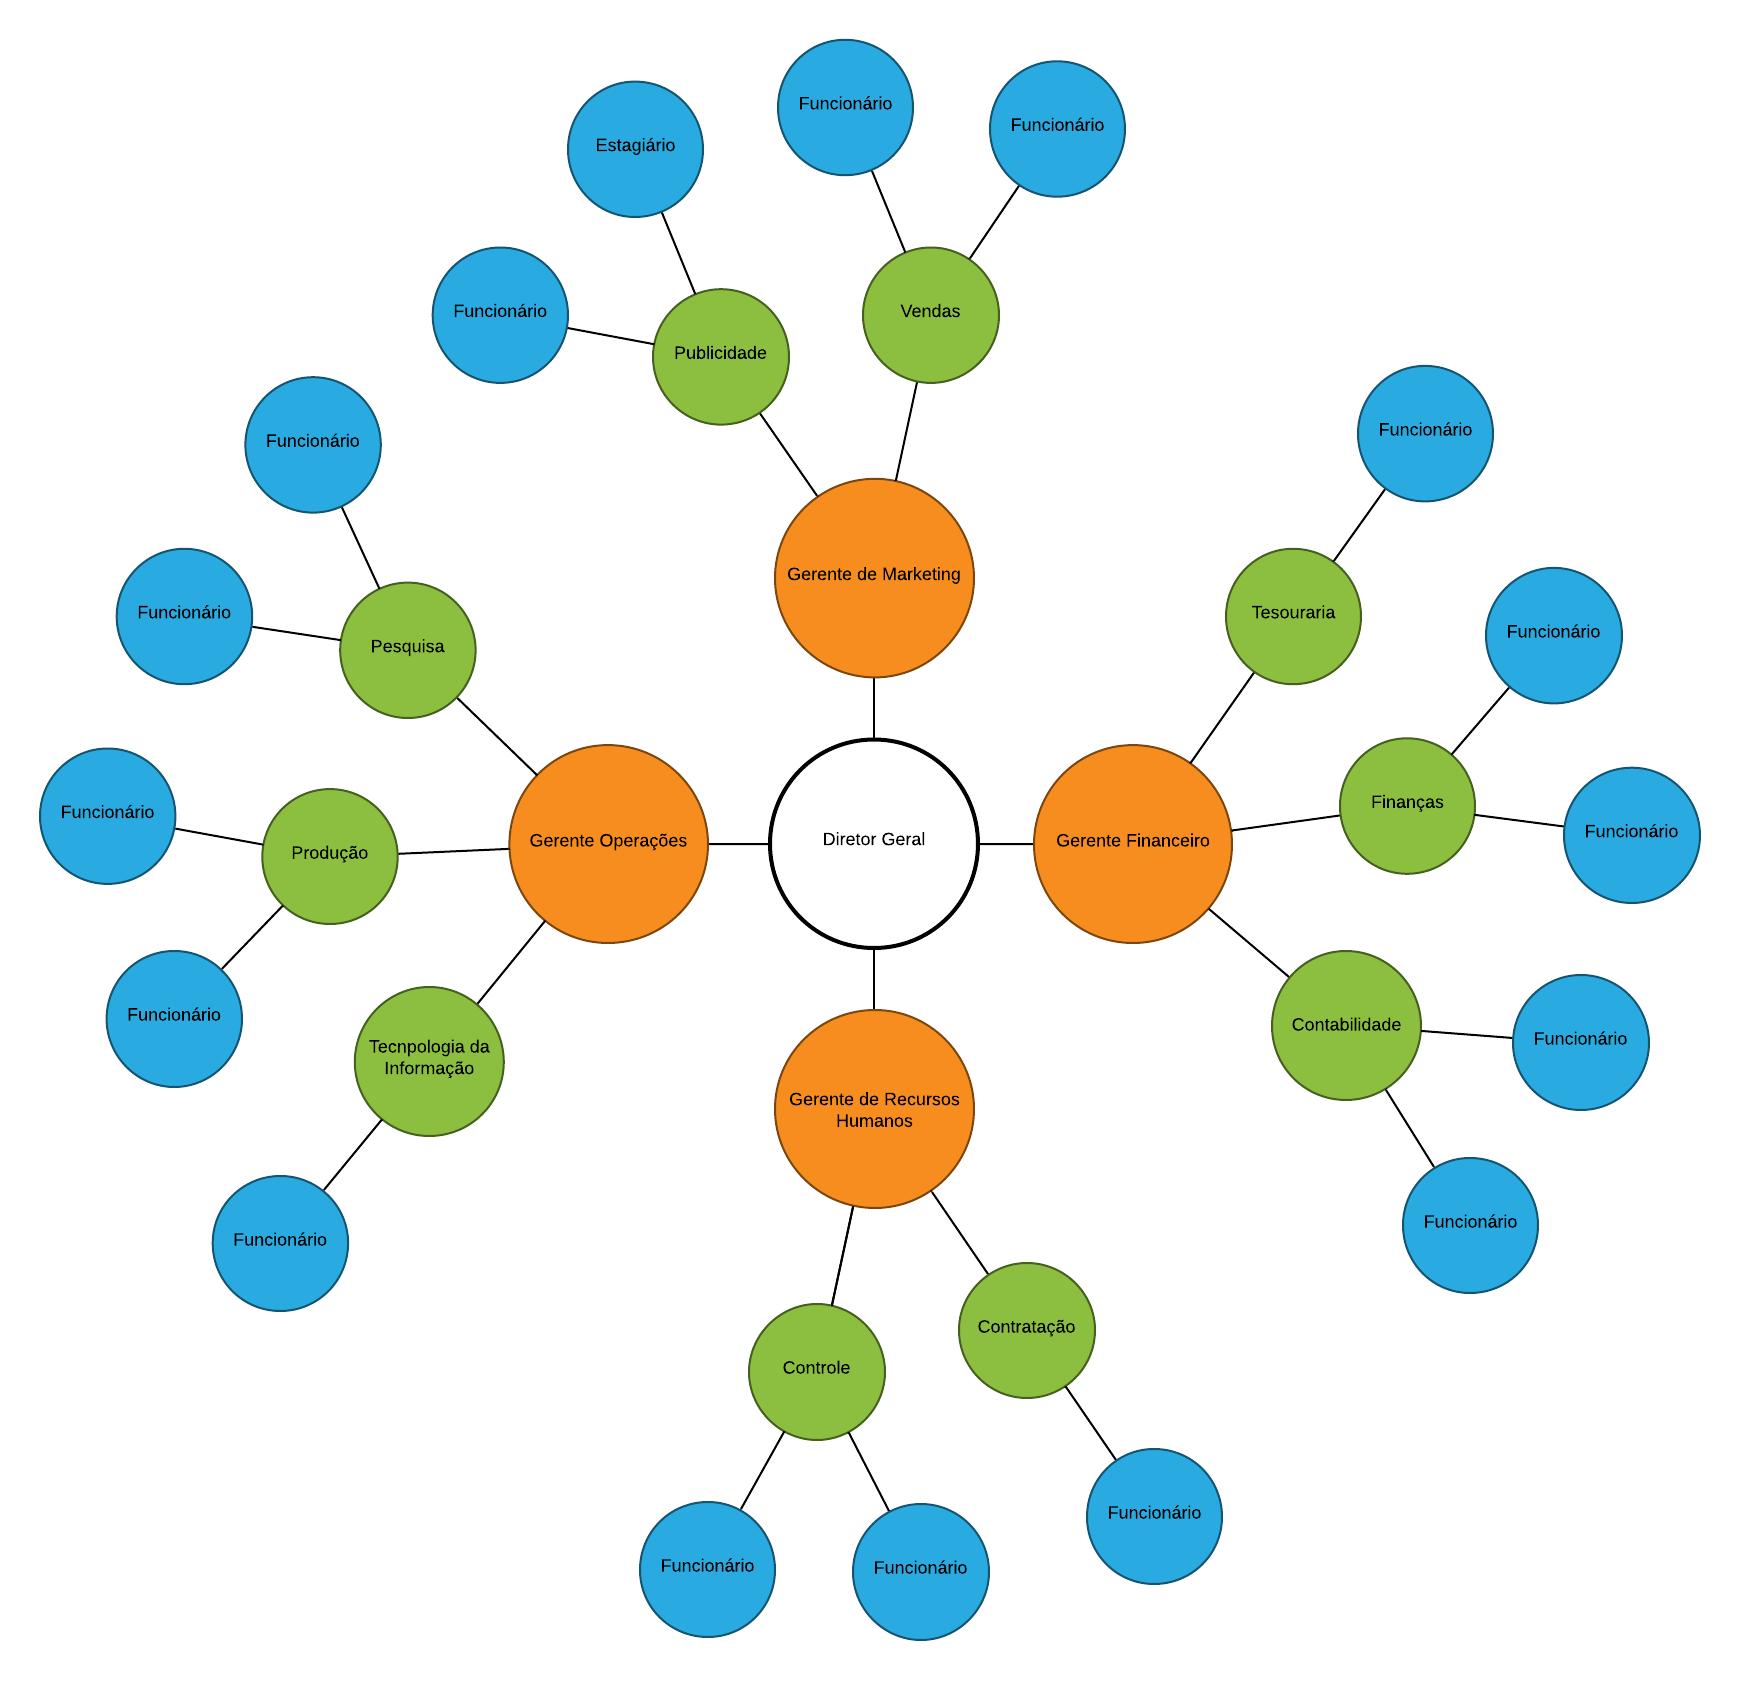 Exemplo de estrutura organizacional circular